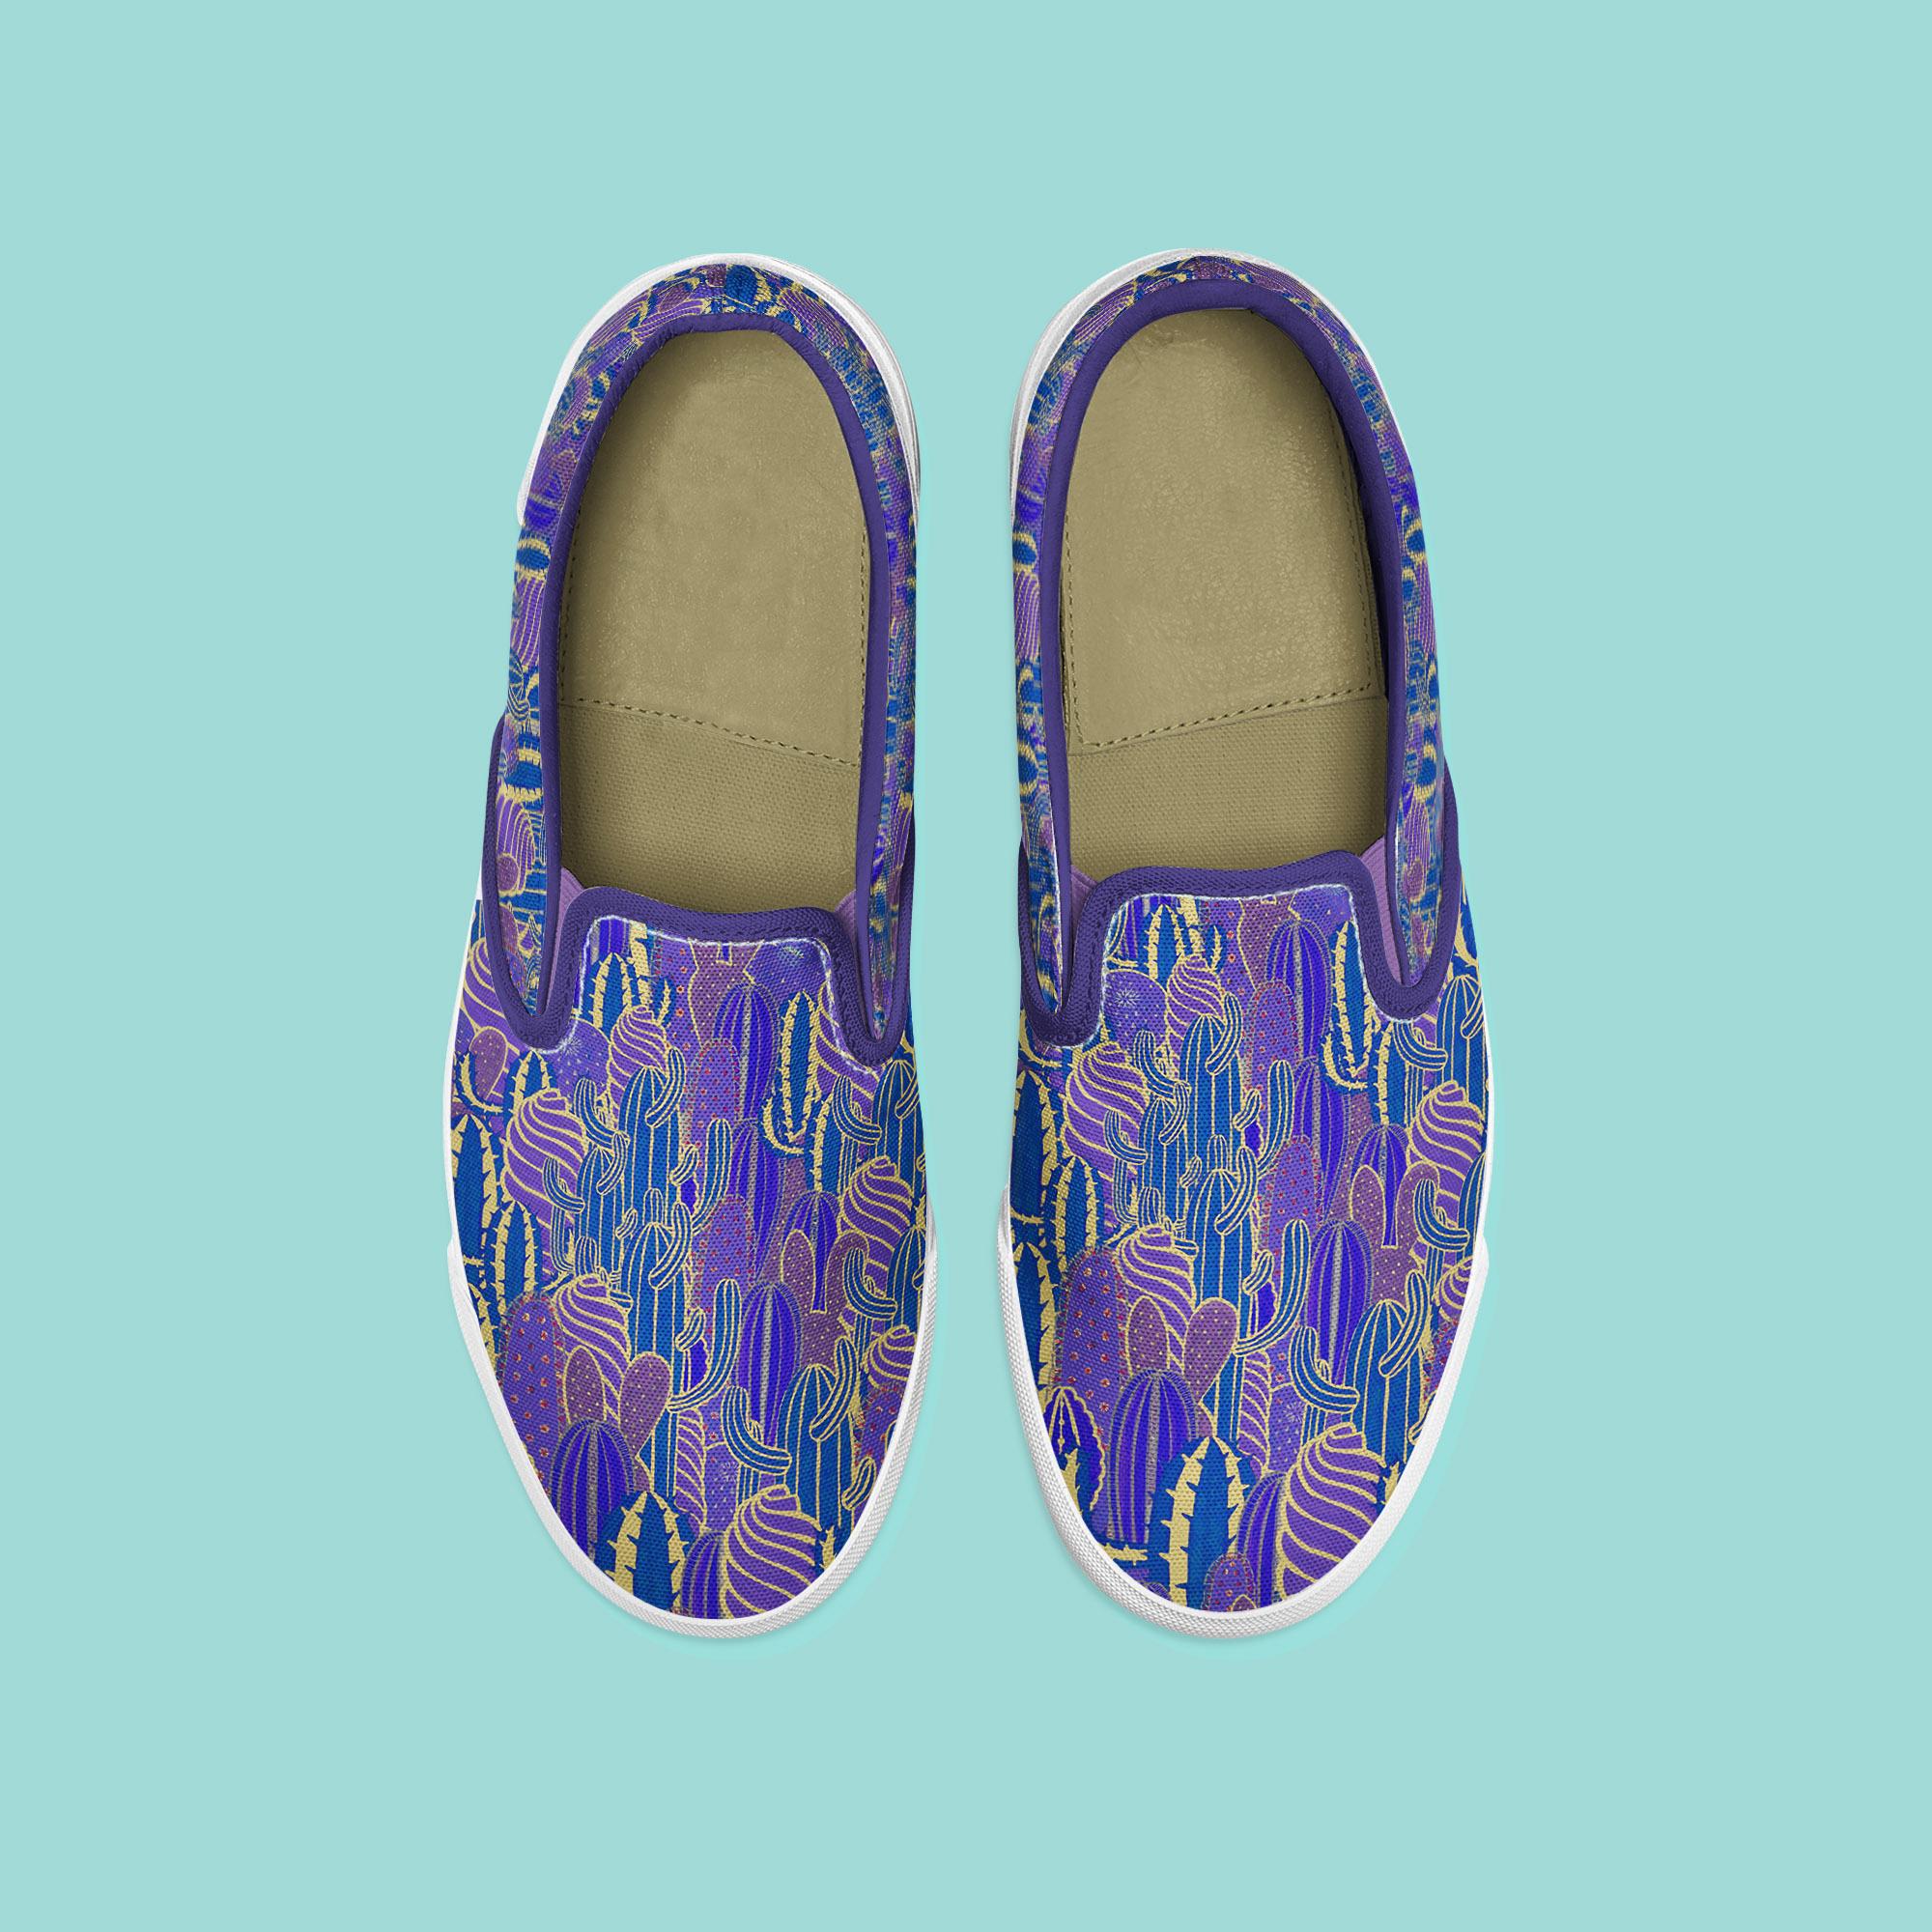 Chaussures motif cactus par Florie Nguyen Van, illustration au posca